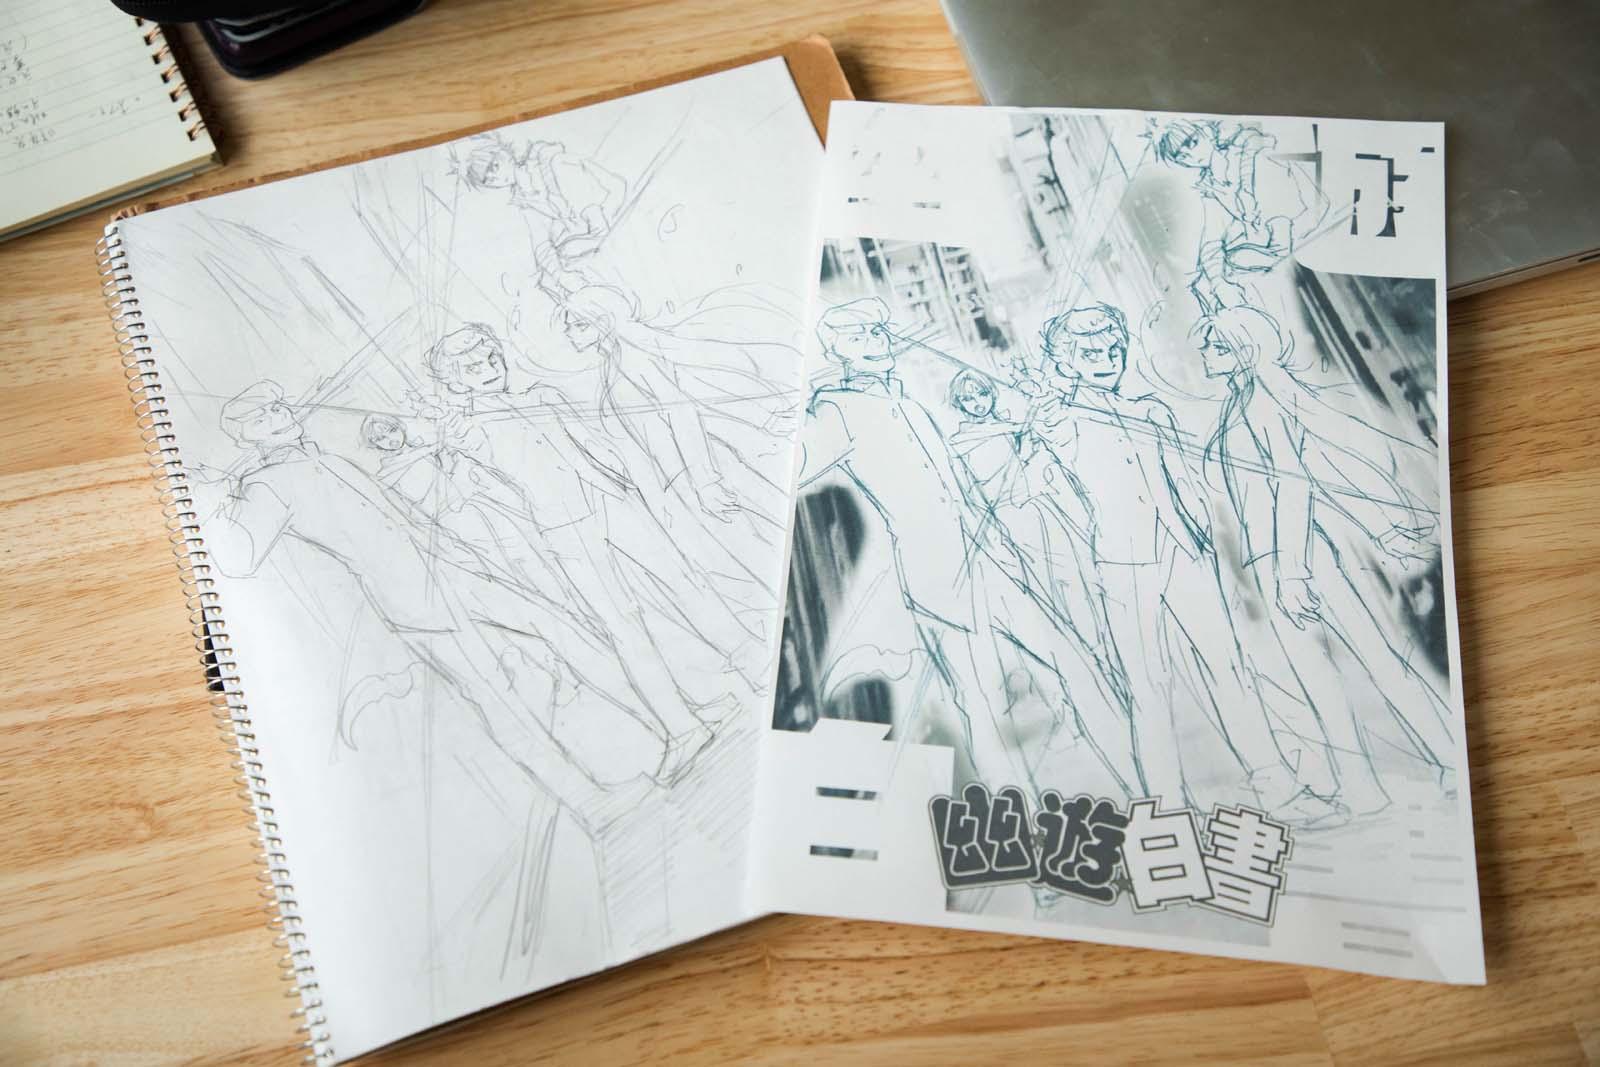 「幽☆遊☆白書」の世界を、3次元に再現した羽尾万里子のデザイナー魂「思い出を持ち帰れるように」 イメージ画像